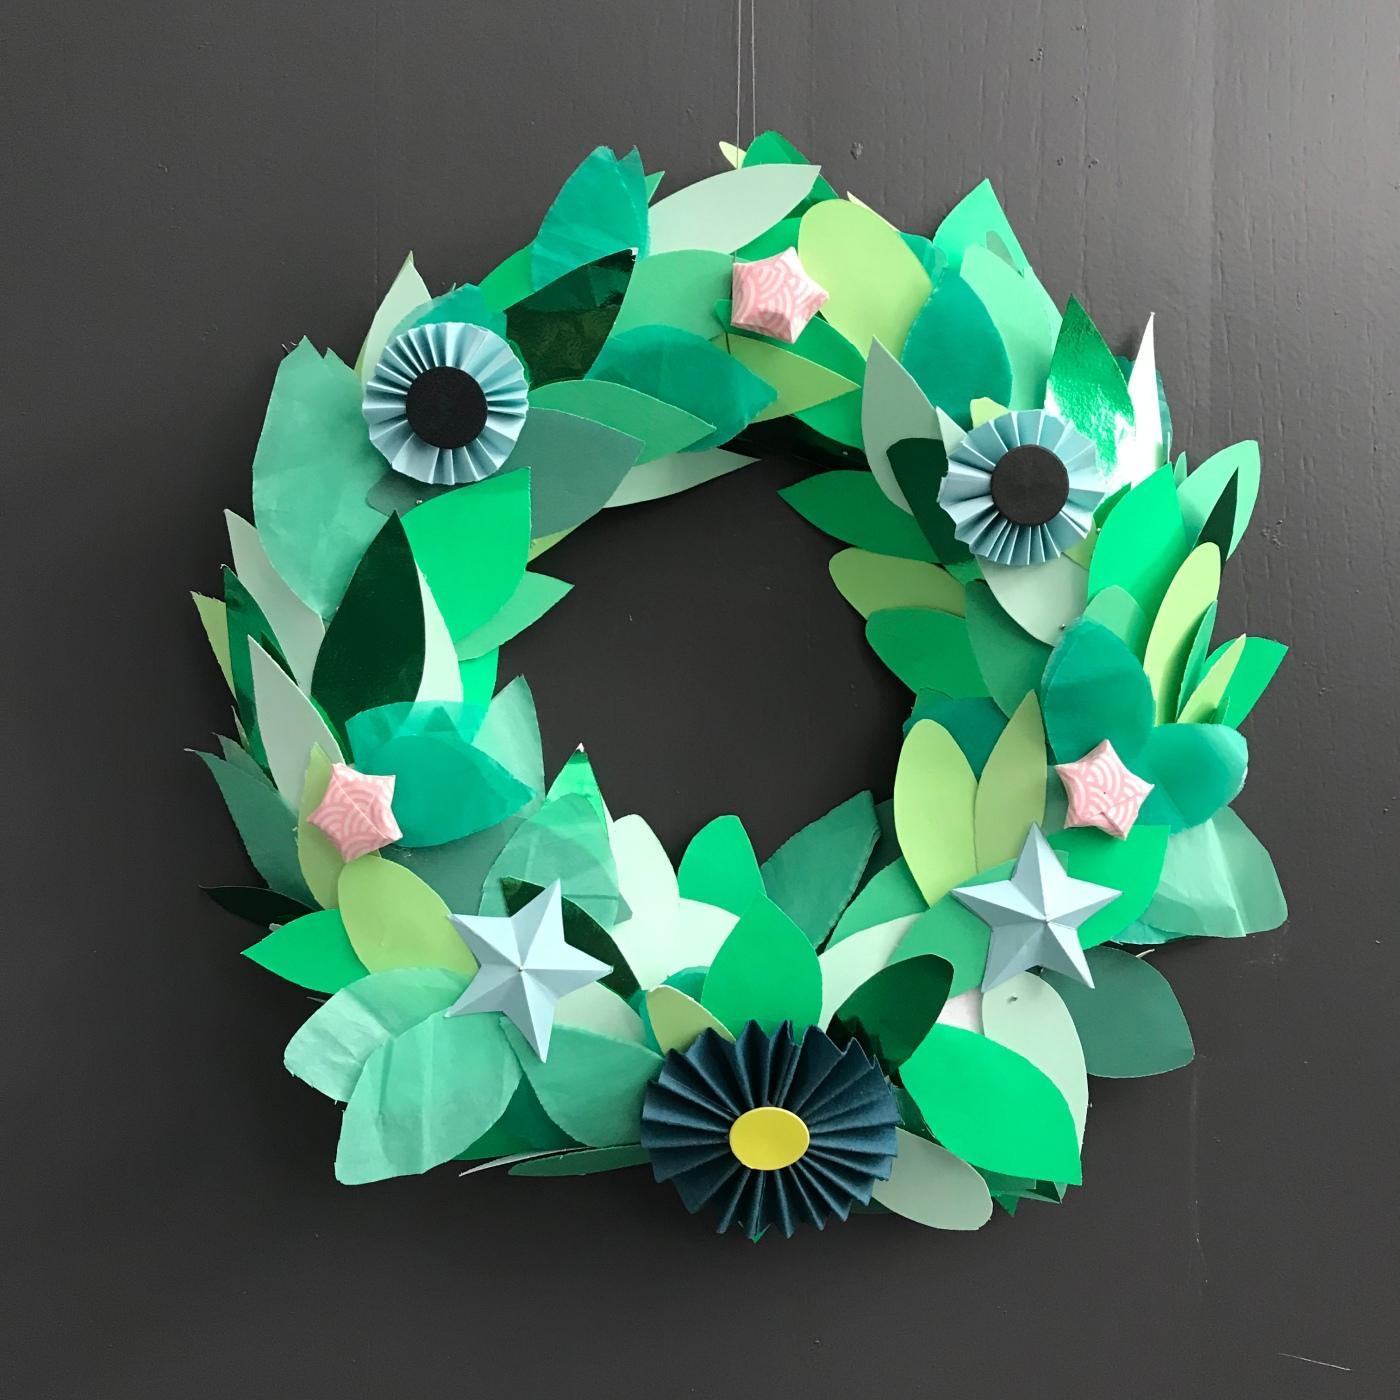 Couronne de porte - DIY - bricolage enfant - craft for kids - couronne de Noël -avent - origami- papier - recyclage- image à la une